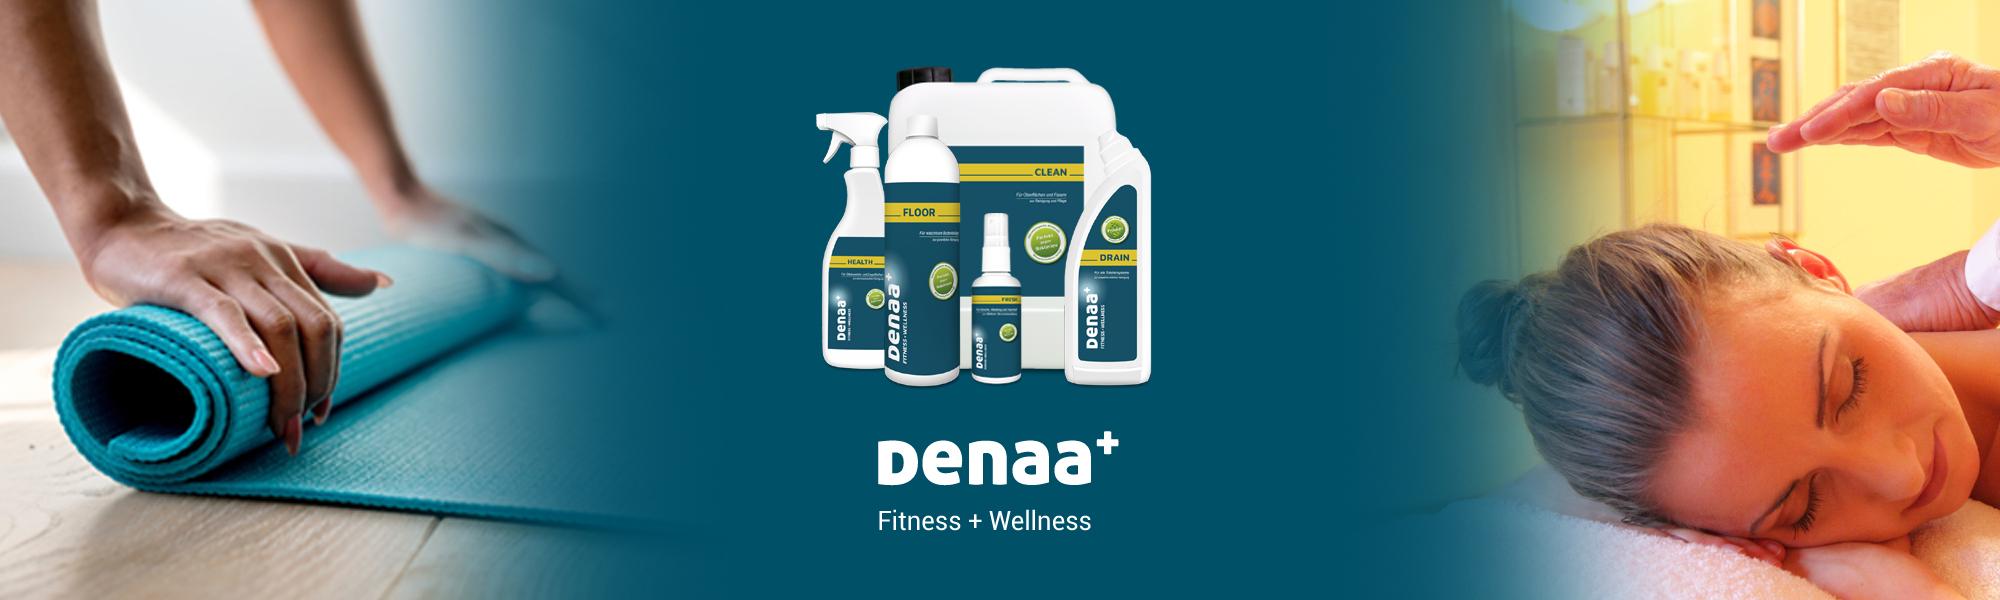 Provilan - le nettoyage le plus sain pour le fitness et le bien-être